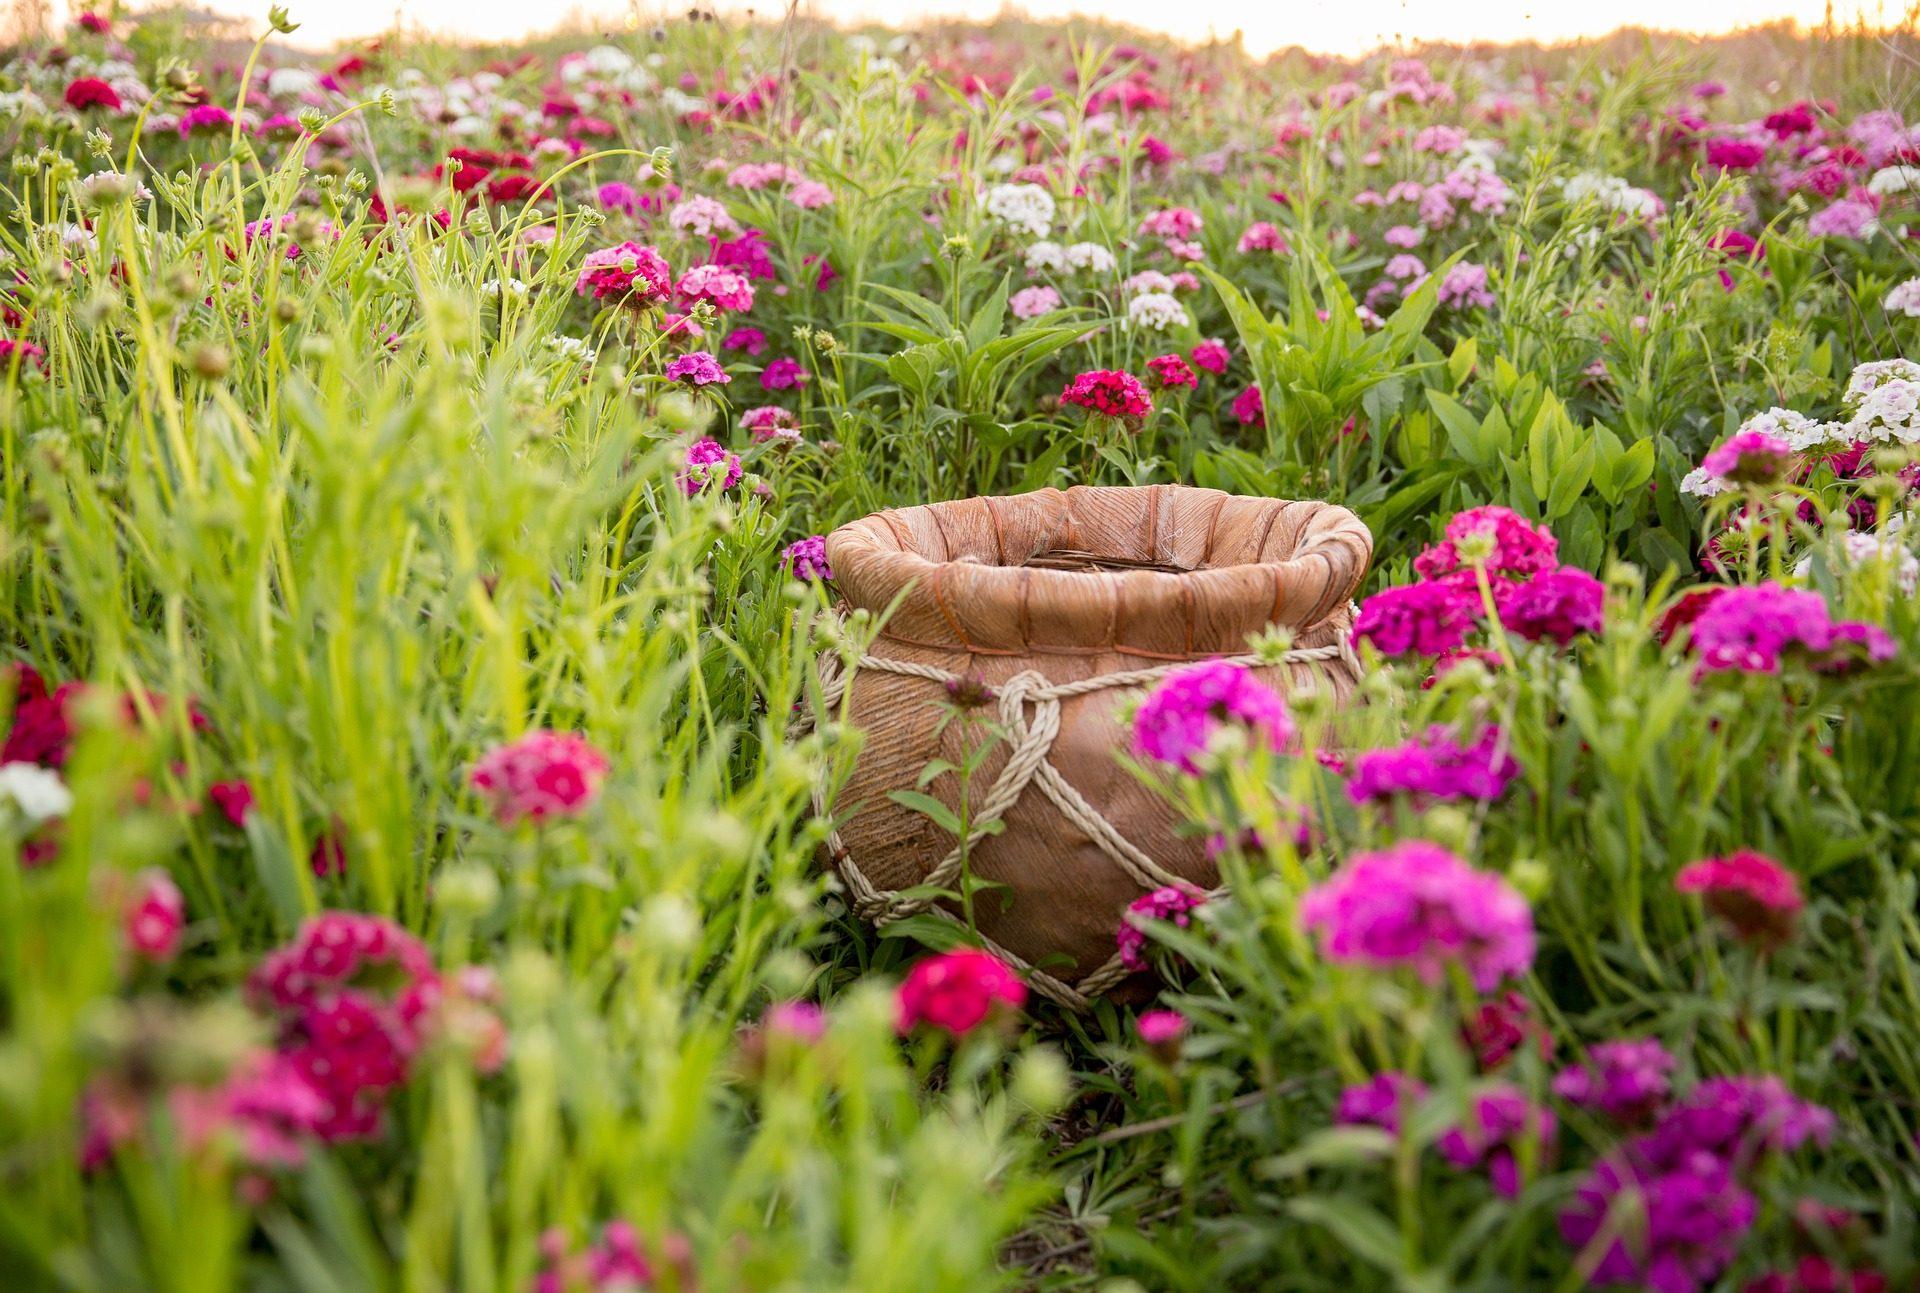 σκάφος, Μπολ, πεδίο, λουλούδια, Κήπος, πολύχρωμο - Wallpapers HD - Professor-falken.com